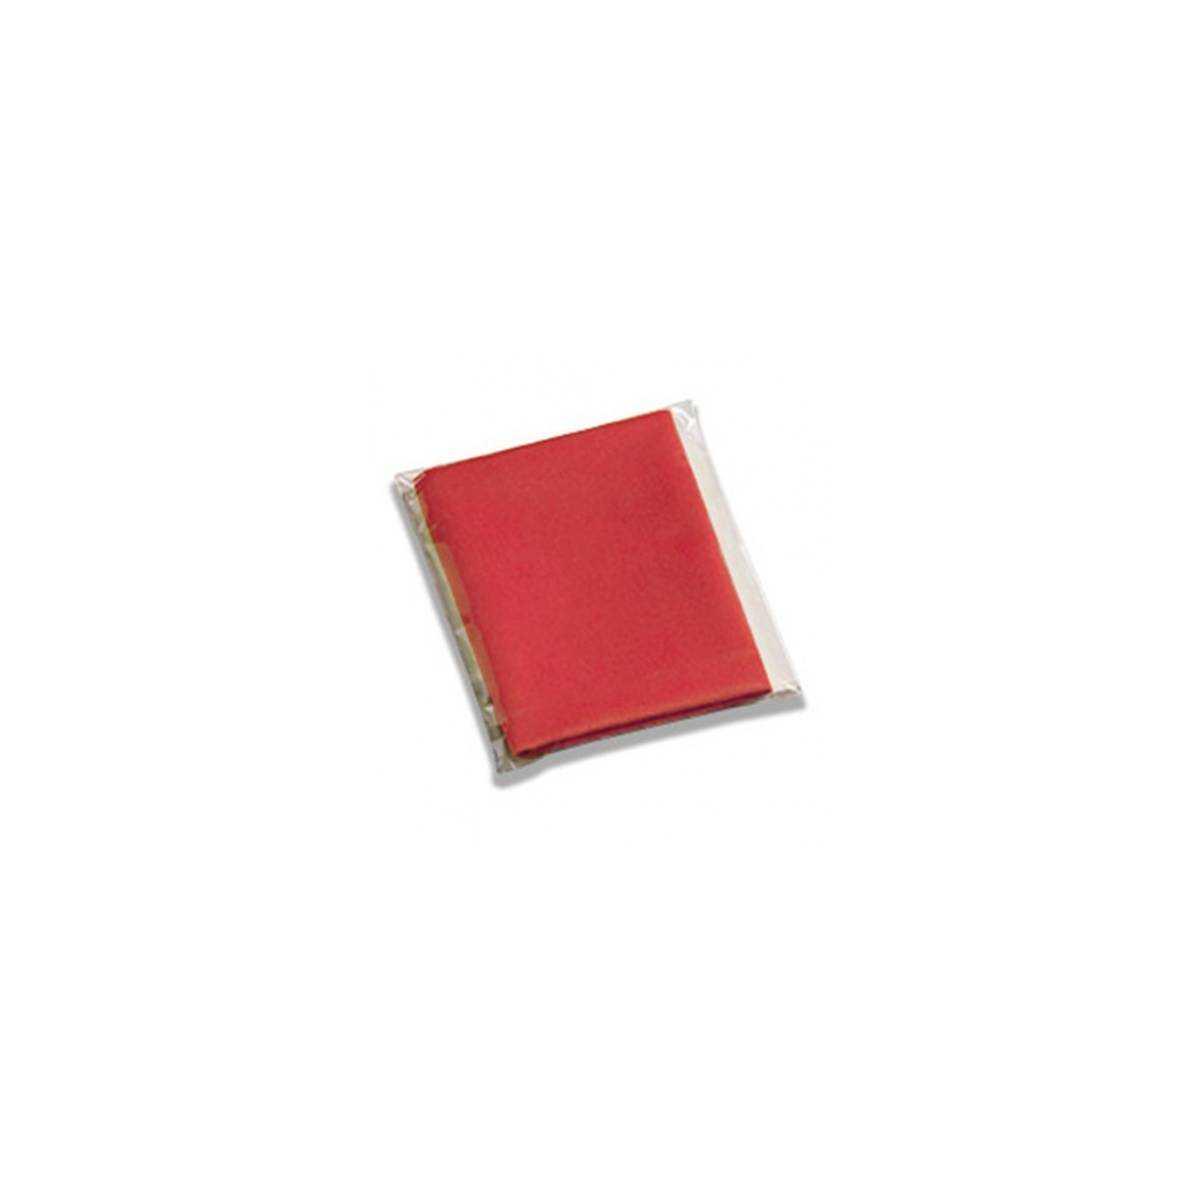 Салфетки для влажной и сухой уборки Silky-T 5шт. (Красные) TCH101210 TTS